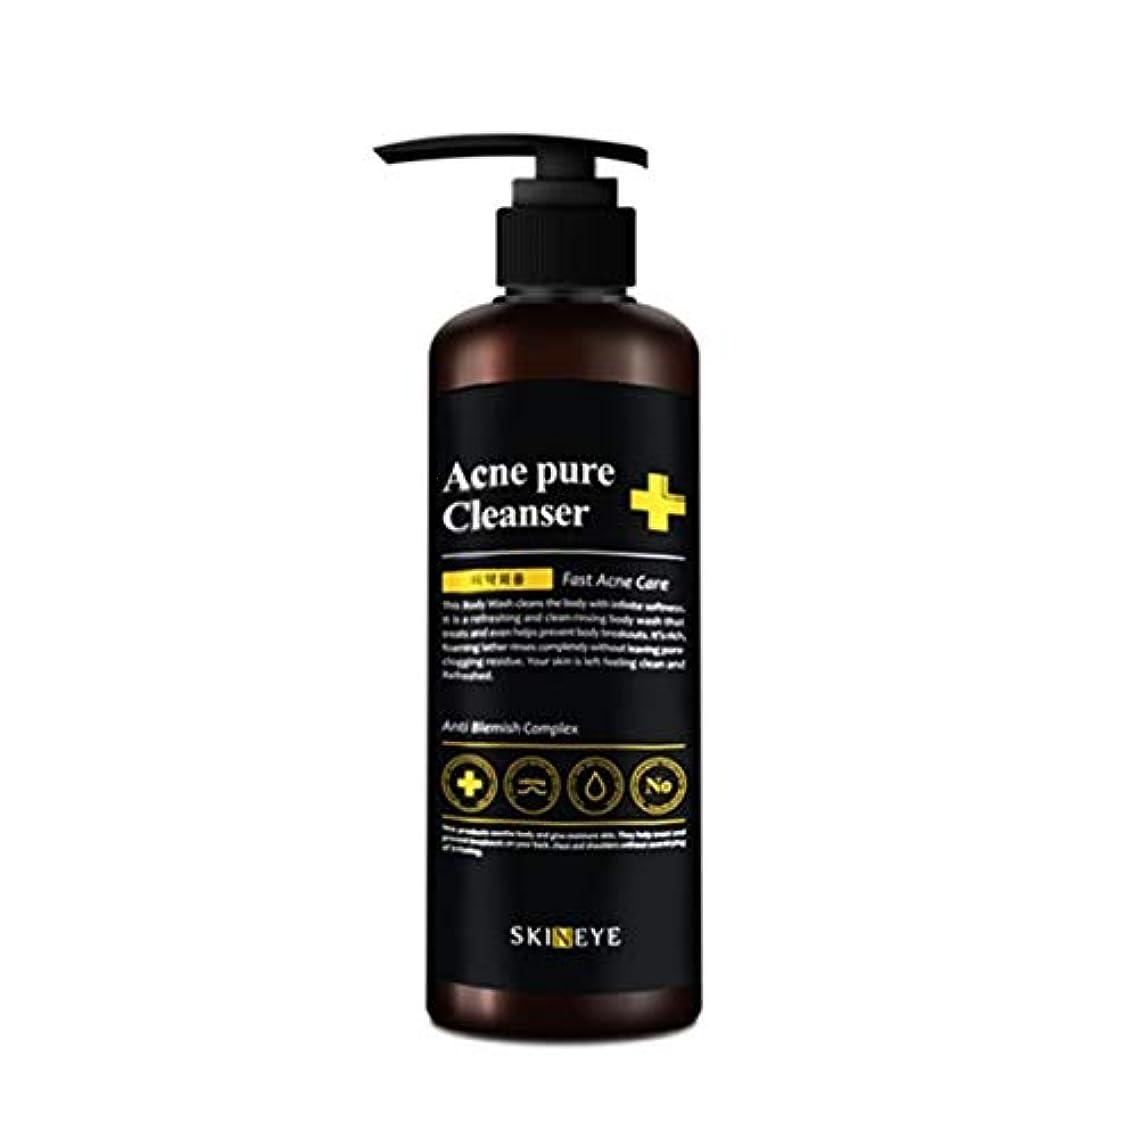 飛躍く毎月スキンアイアクネピュアクレンザー300mlの老廃物除去、Skineye Acne Pure Cleanser 300ml Waste Removal [並行輸入品]